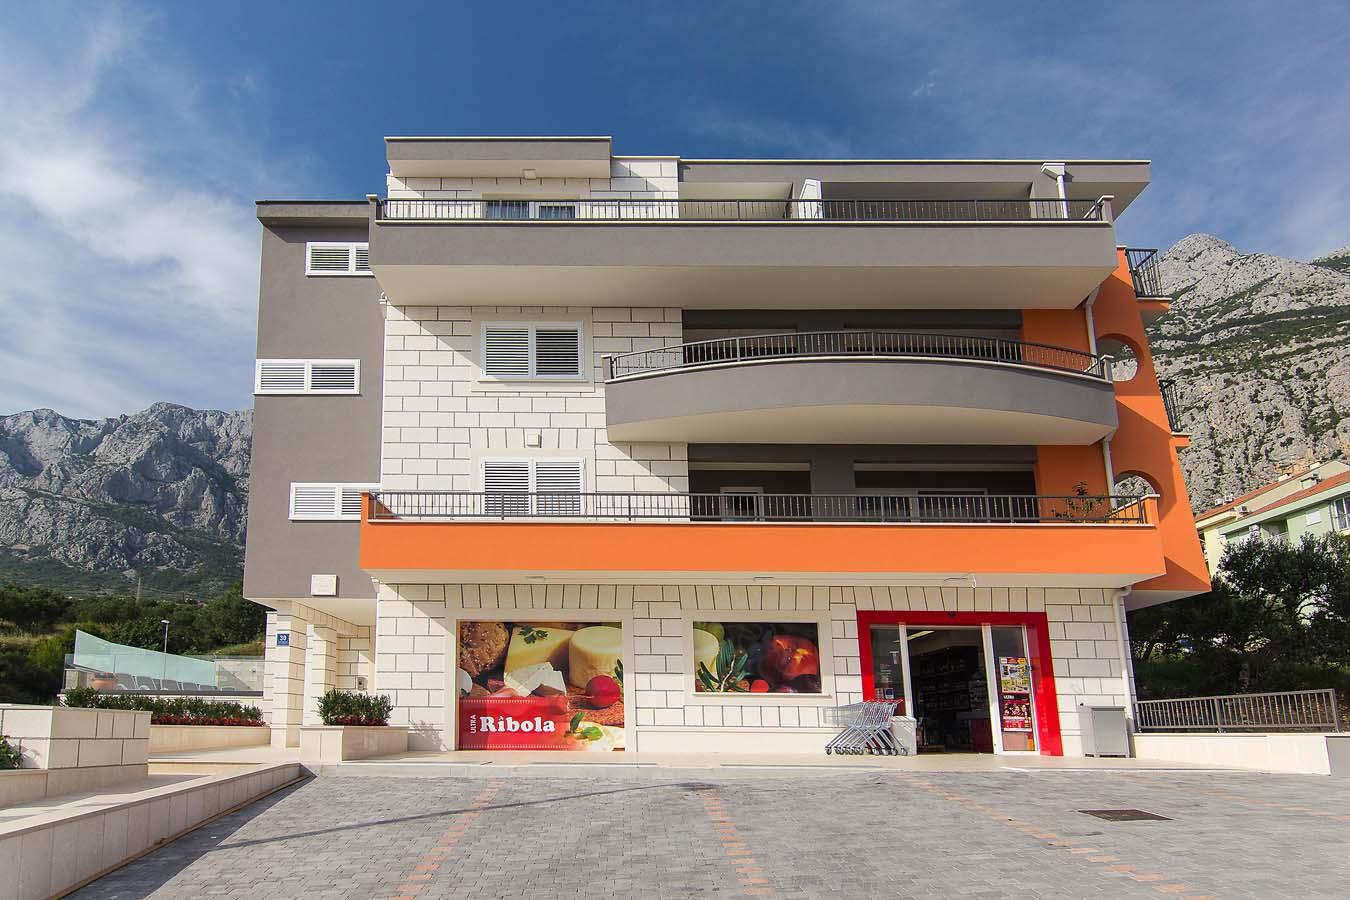 online upoznavanje gradovaville apsolutno besplatna internetska stranica za upoznavanje u Južnoj Africi